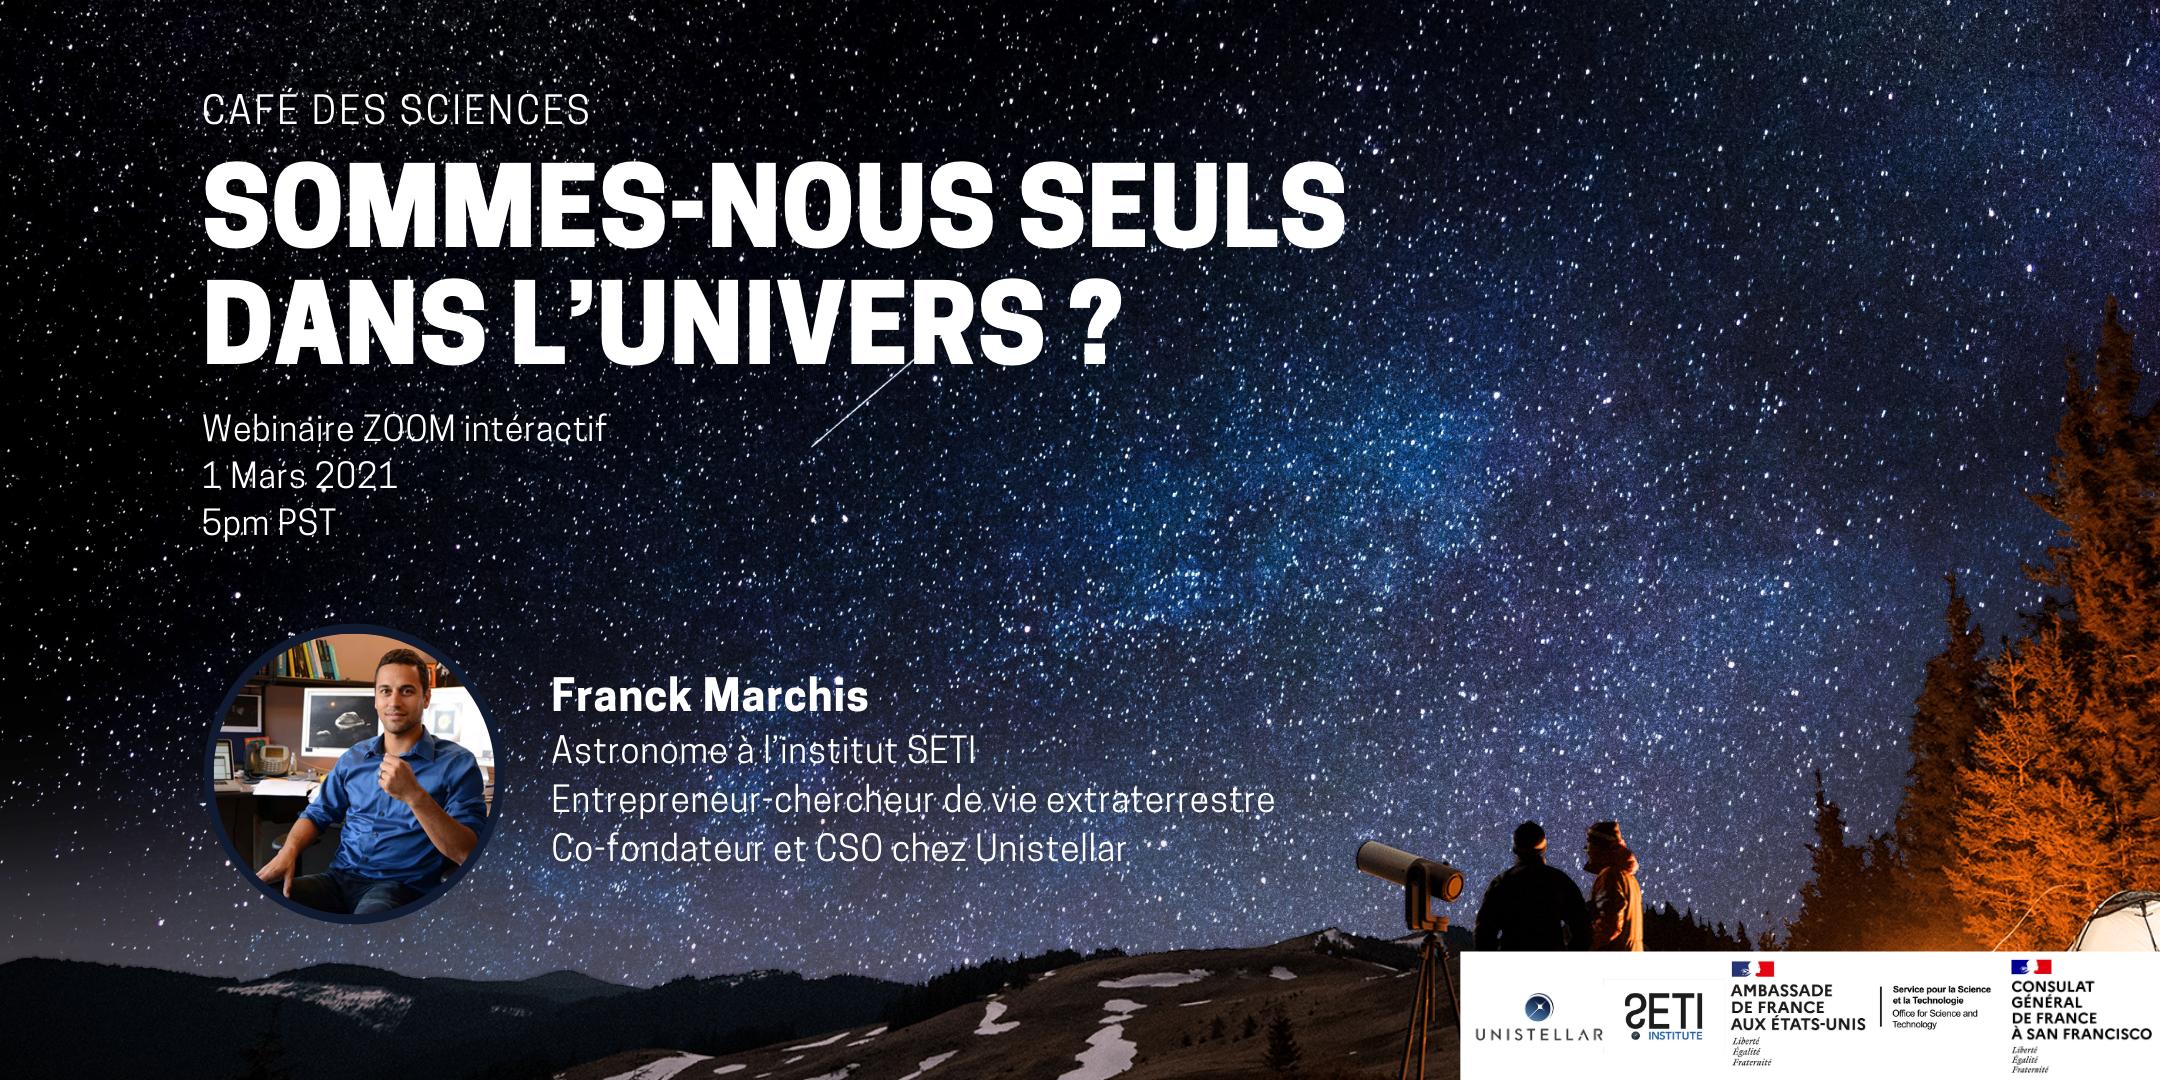 Sommes-nous seuls dans l'univers ? Retour sur le café des sciences du 1er Mars aux côtés de Franck Marchis